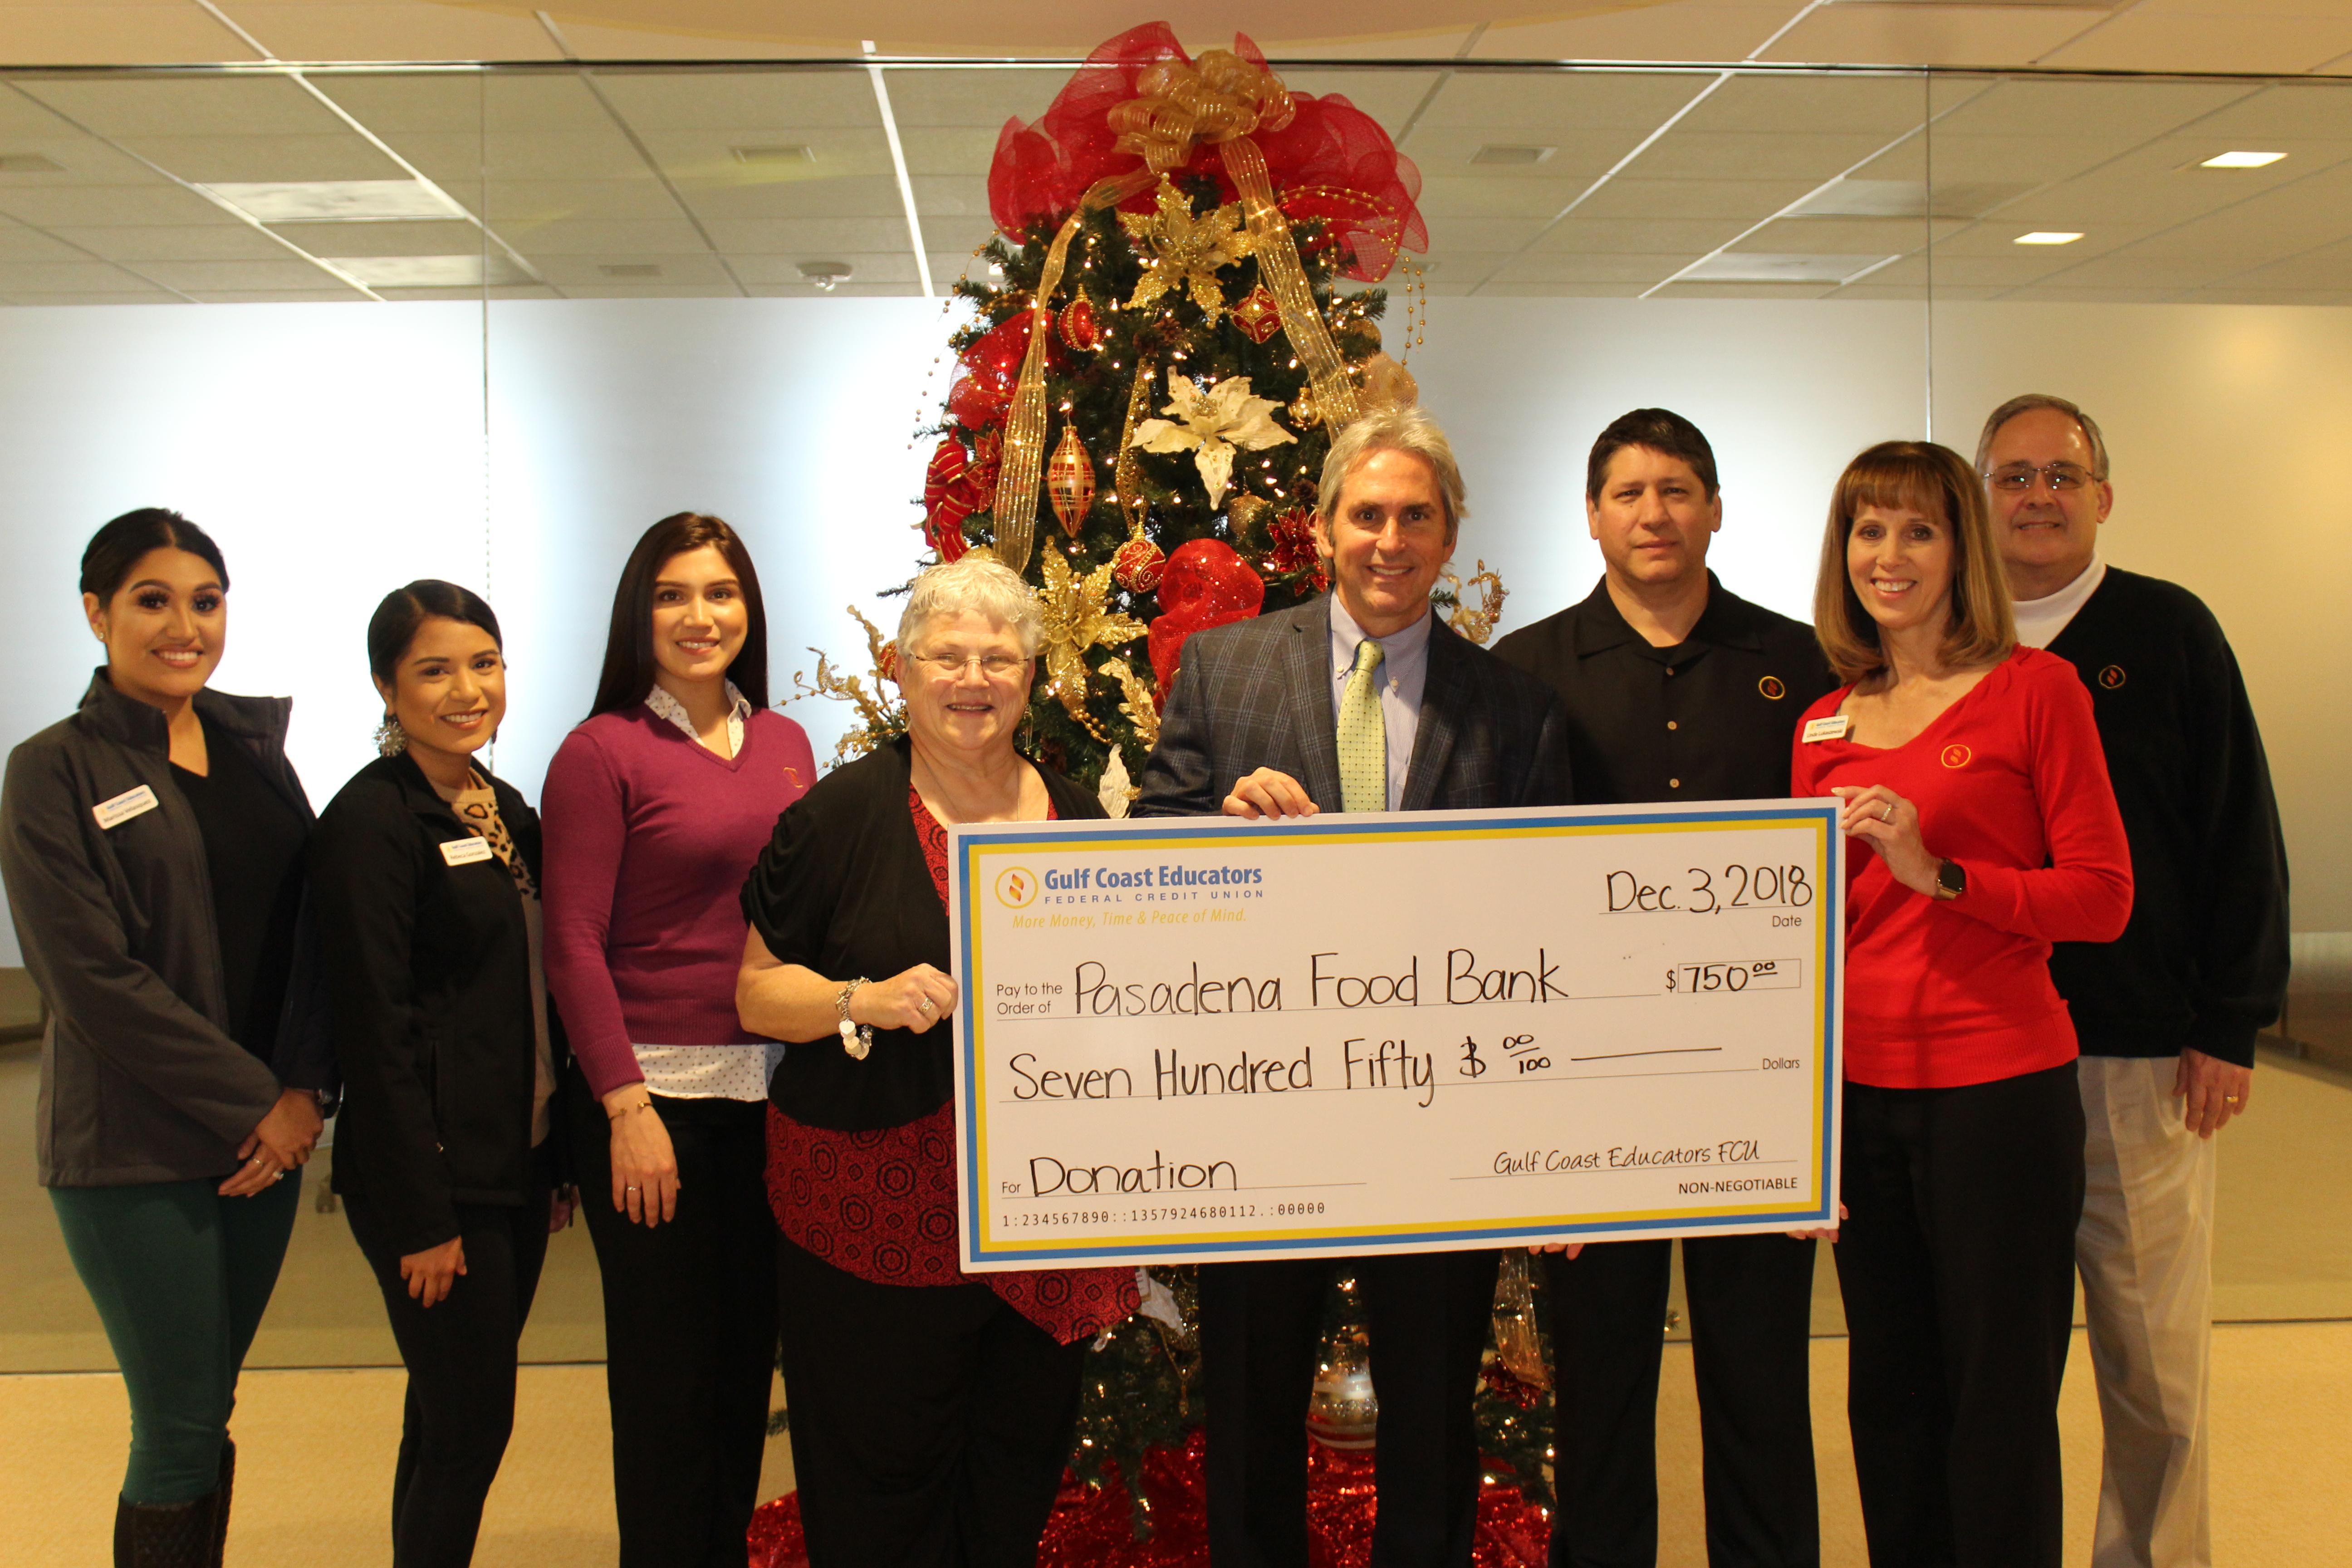 Pasadena Food Bank